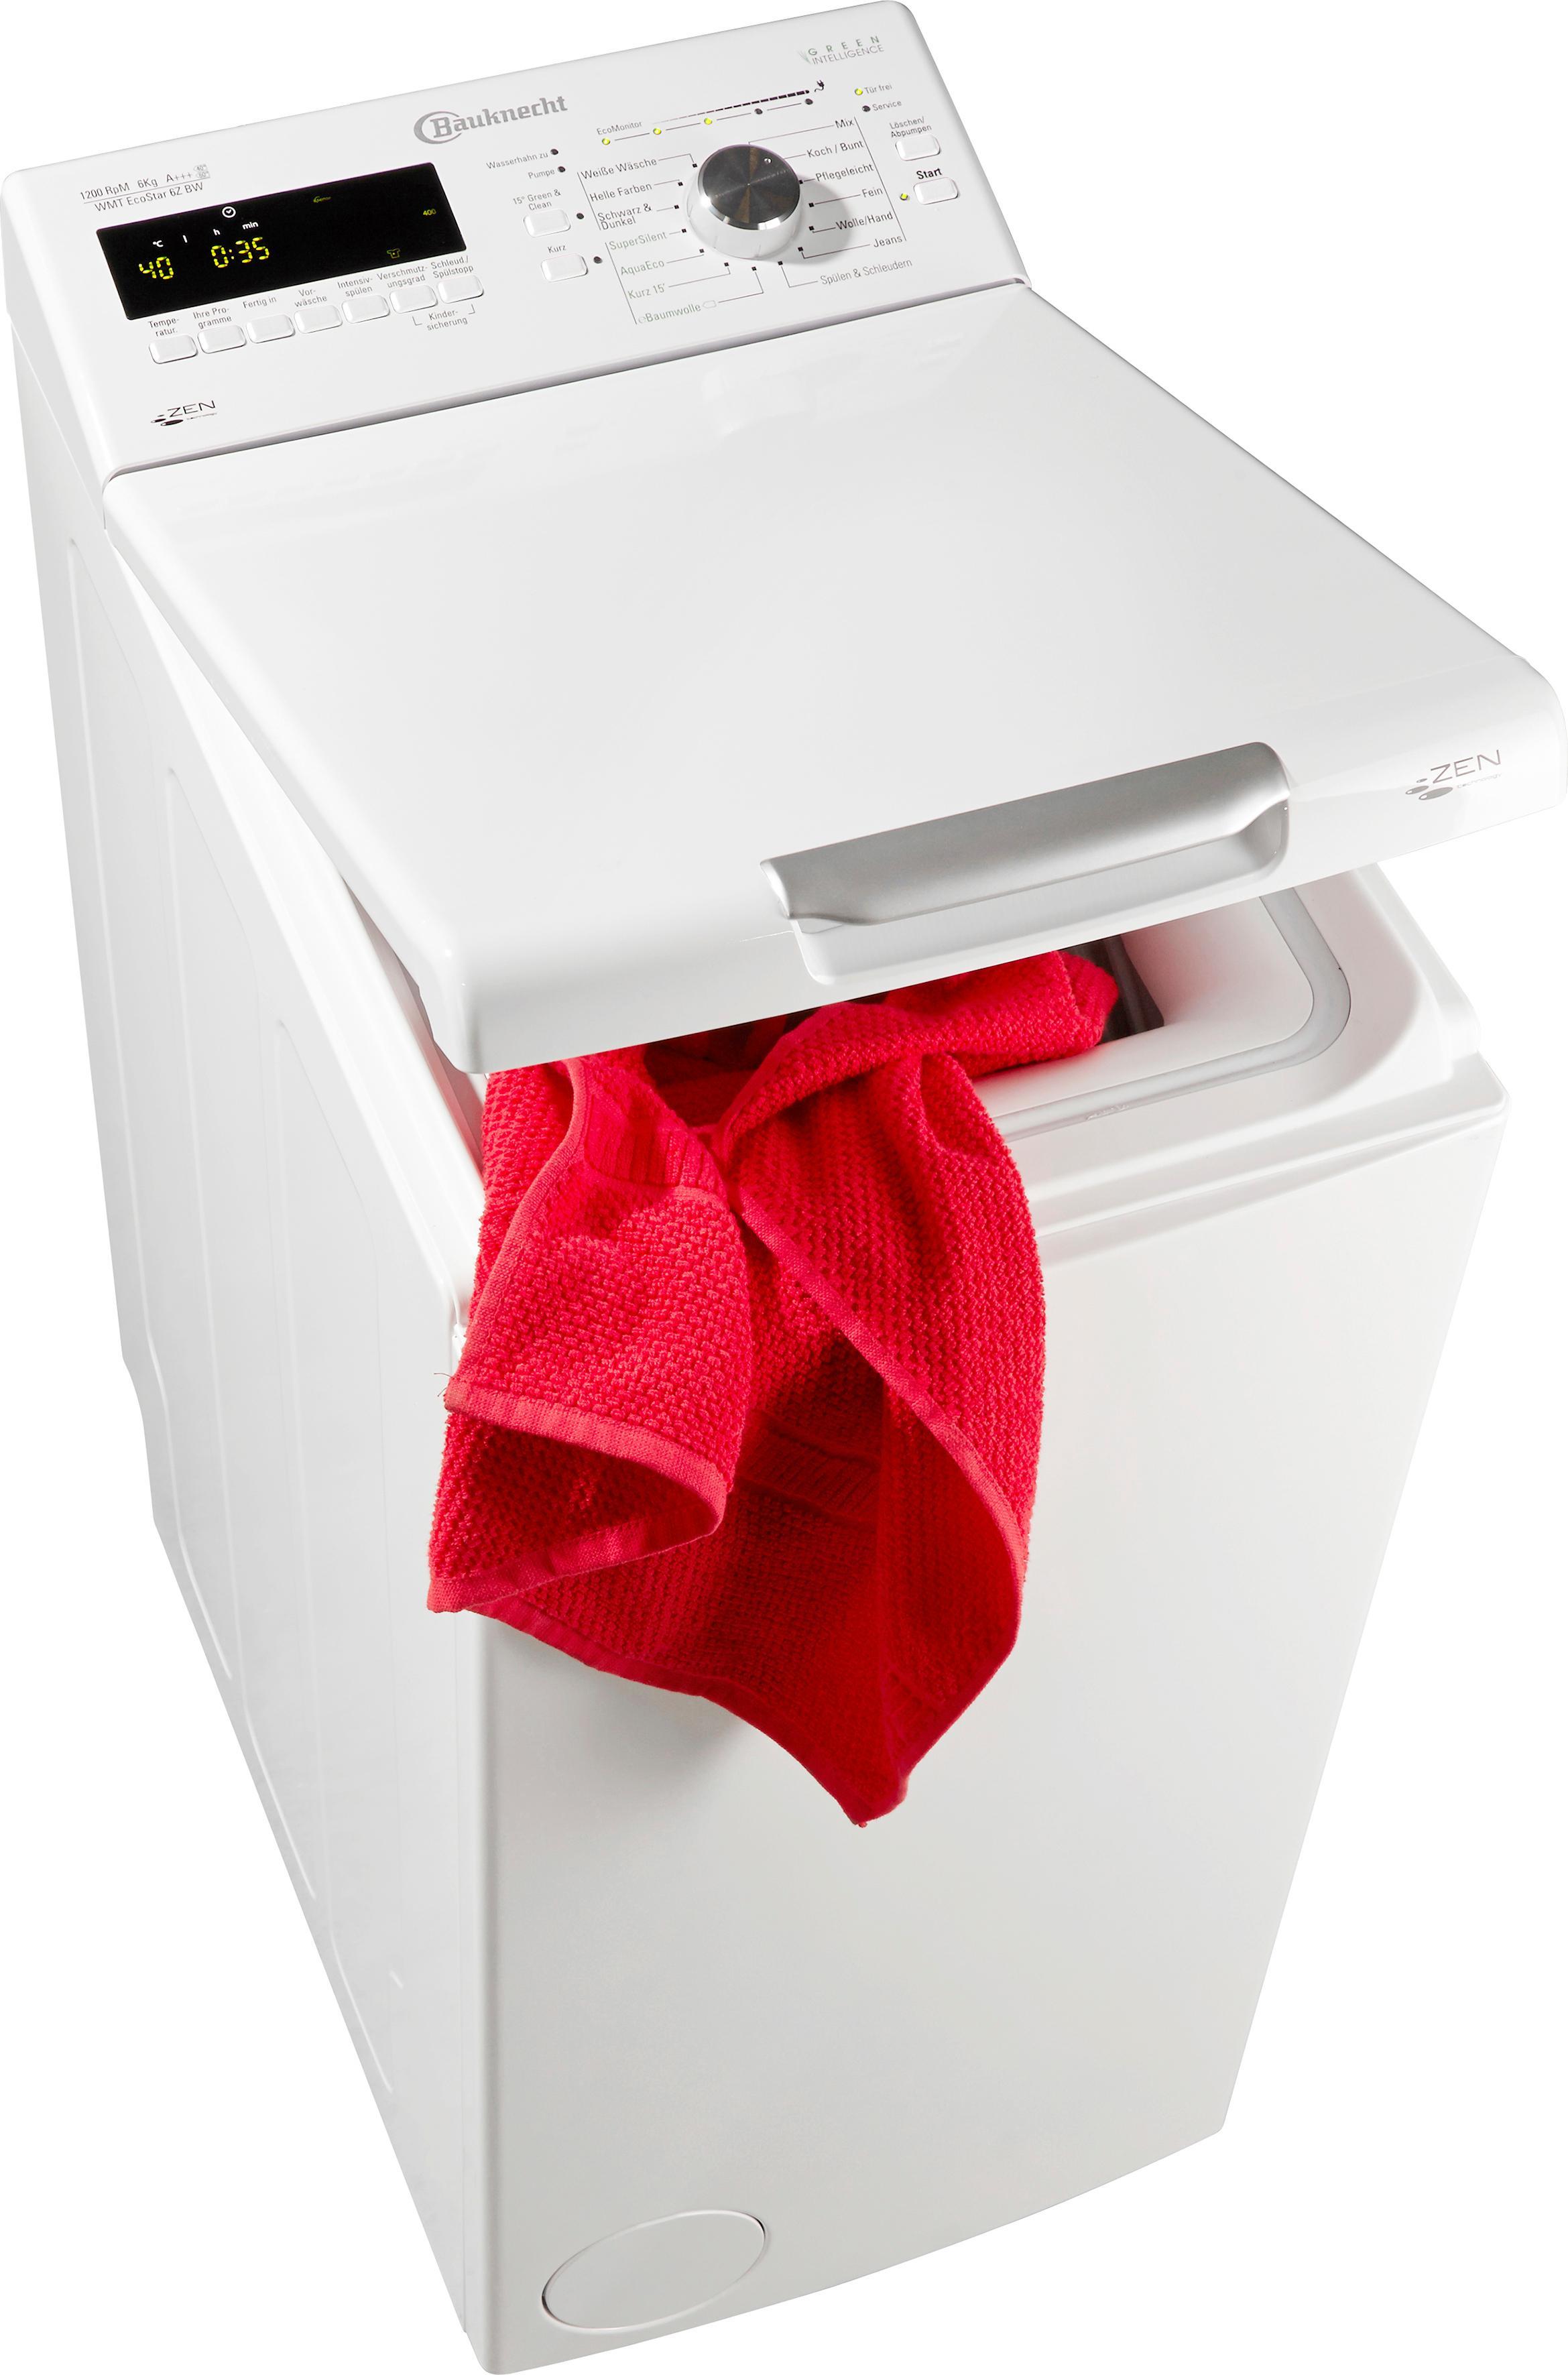 bauknecht waschmaschine toplader wmt ecostar 6z bw jetzt. Black Bedroom Furniture Sets. Home Design Ideas